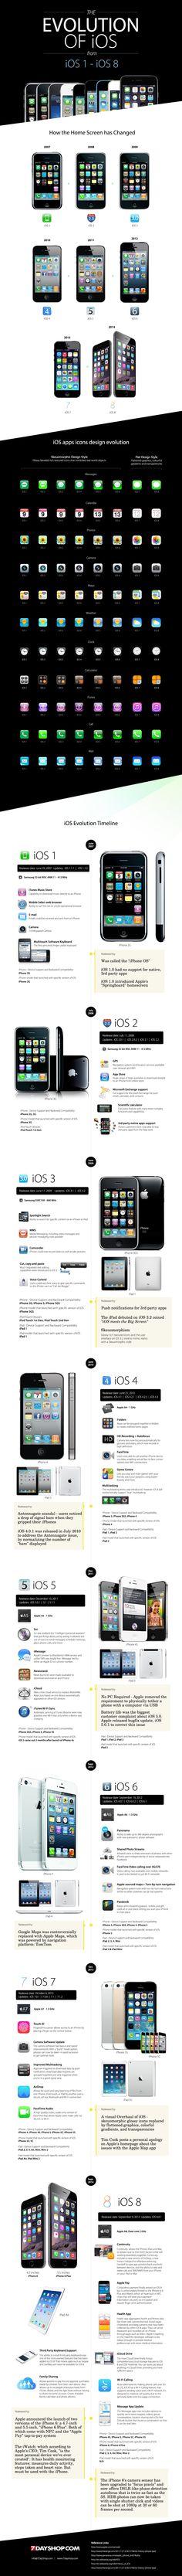 L'iphone è il telefono più venduto. Ha un ottimo sistema operativo. Ma se si confronta con il samsung galaxy s 4. Devo dire che è molto più bello l's4